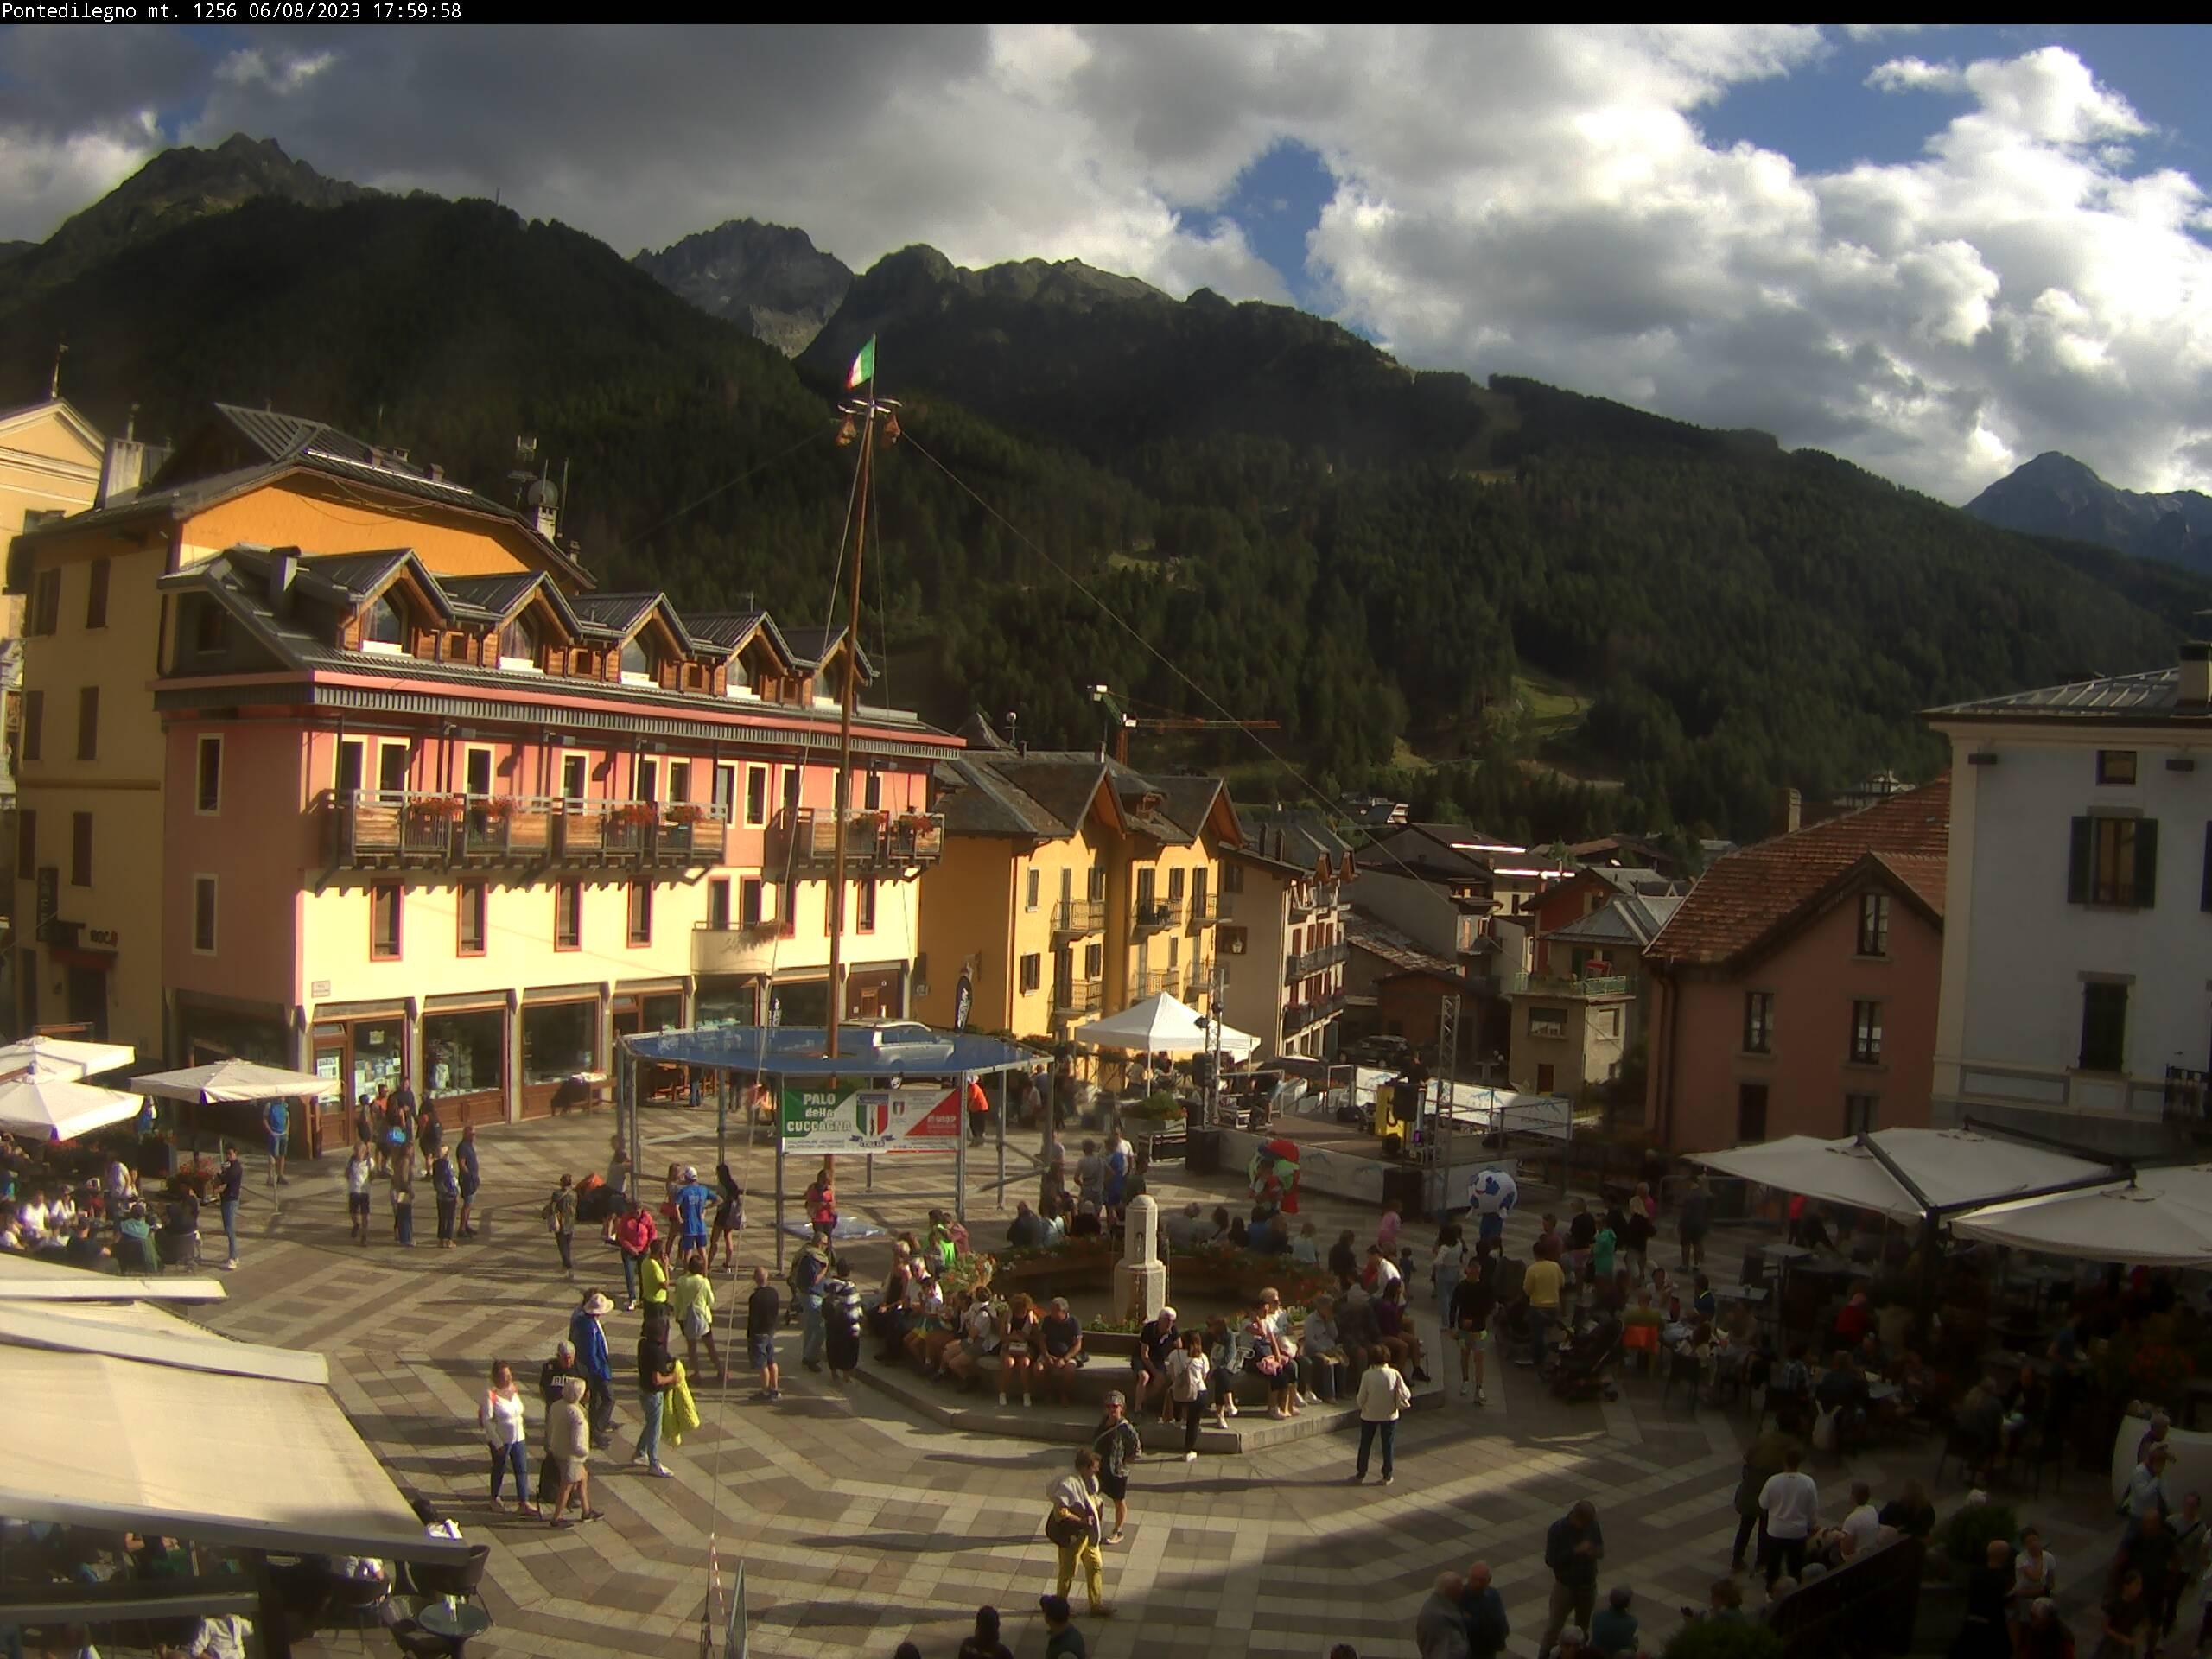 Pontedilegno main square